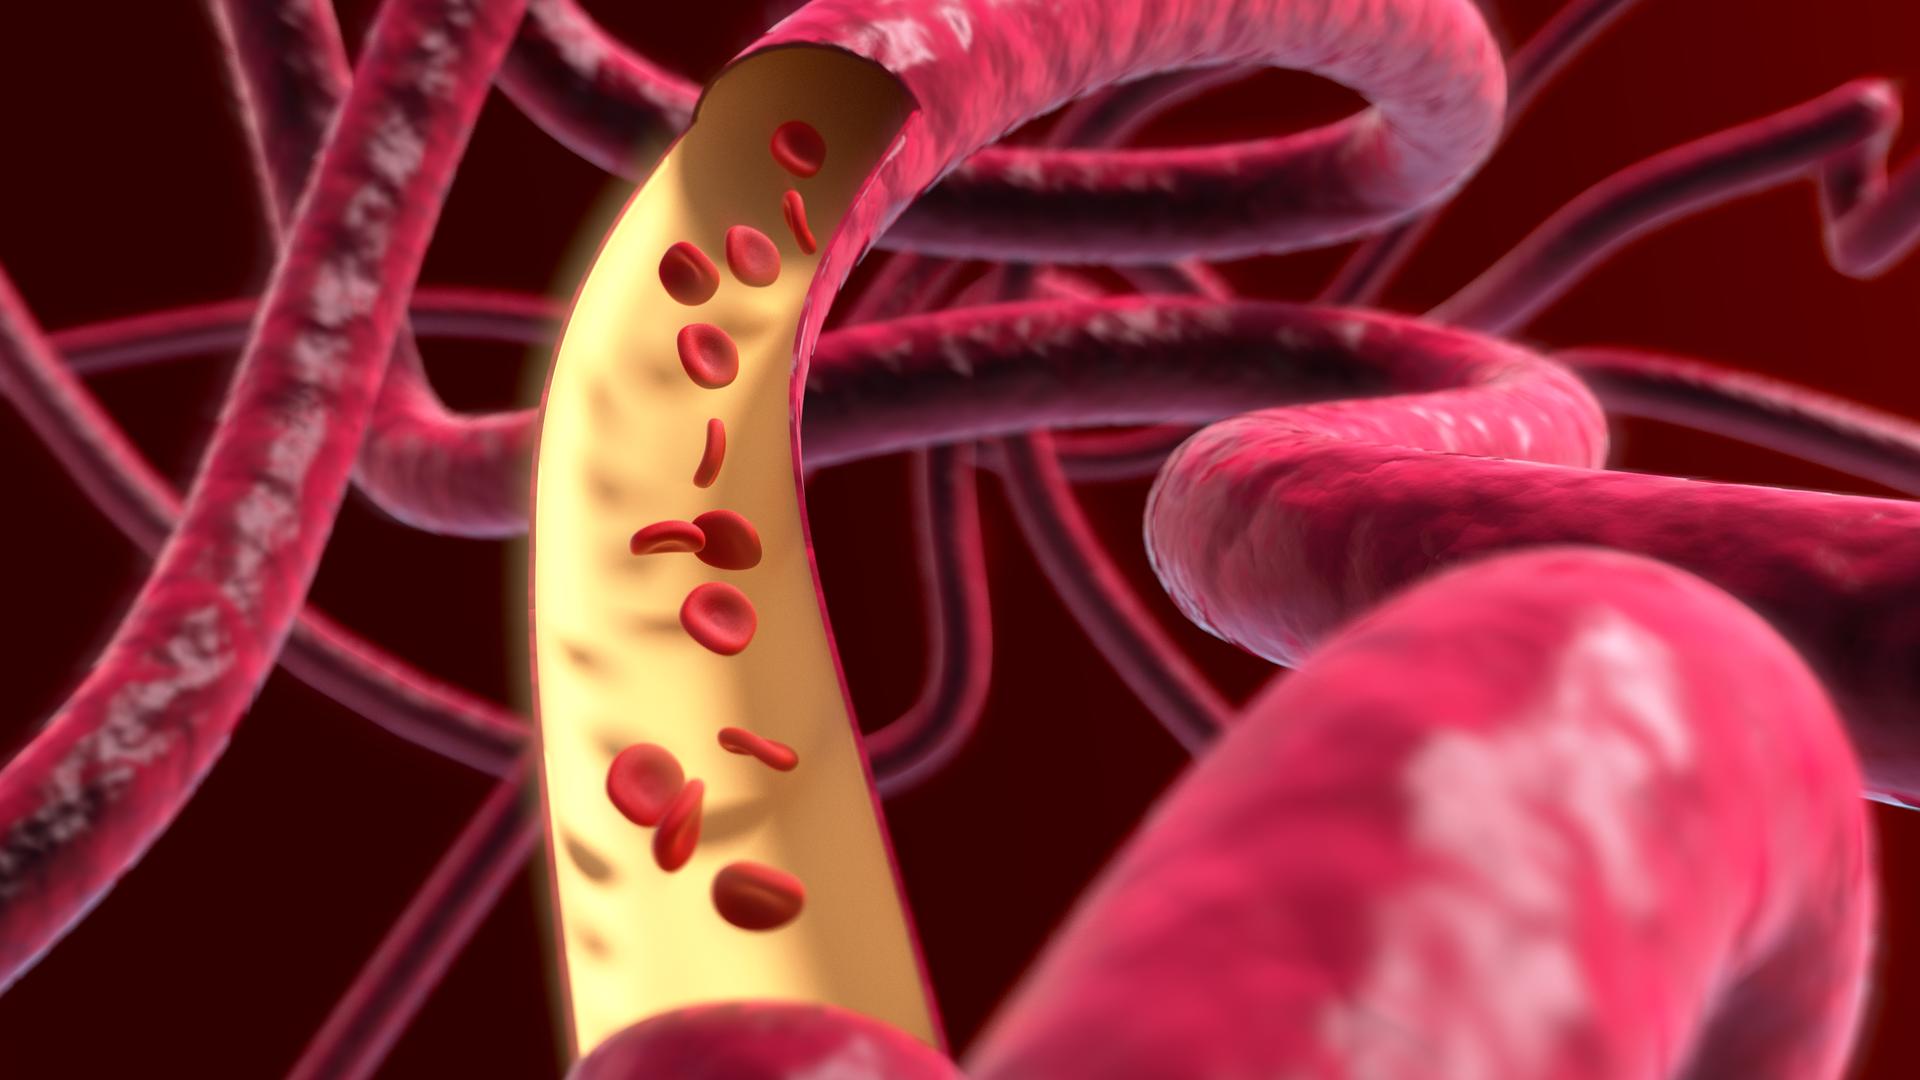 Ilustracja przedstawia zbliżenie giętkich, czerwonych przewodów – naczyń krwionośnych. Jedno ma wycięty fragment wzdłuż. Wprzestrzeni nad żółtą wyściółką unoszą się czerwone krwinki.